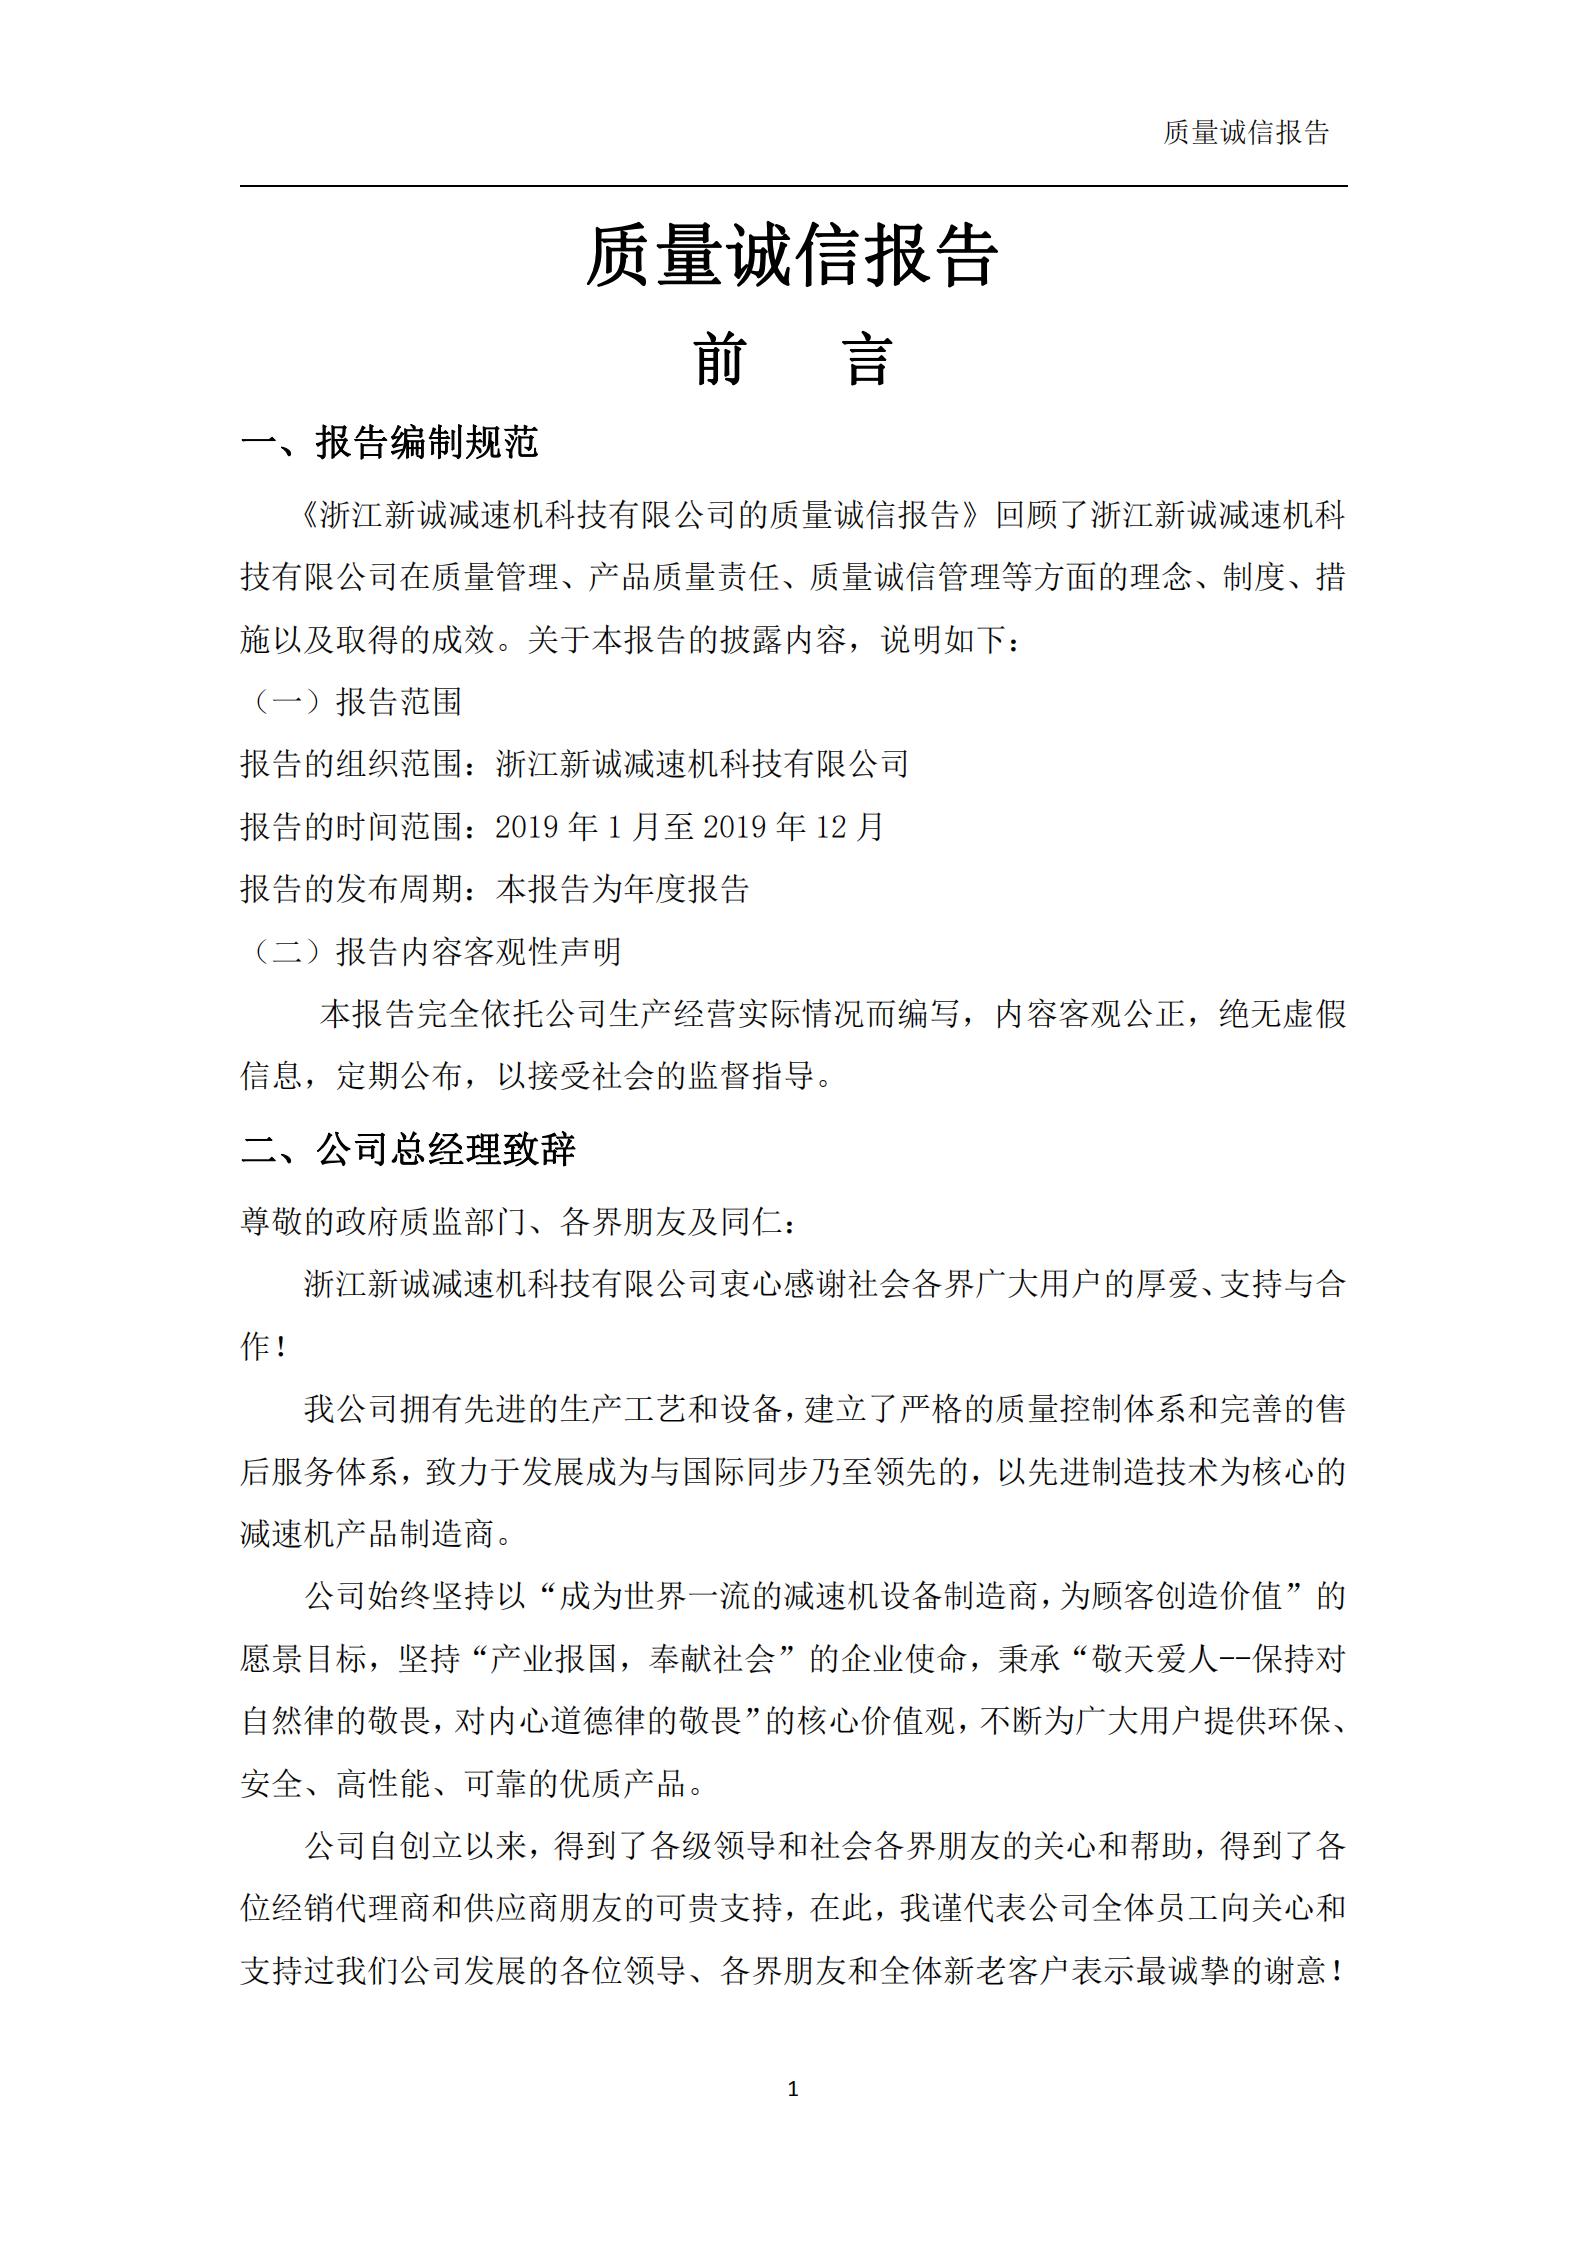 浙江新诚减速机科技有限公司-质量诚信报告(1)_01.png